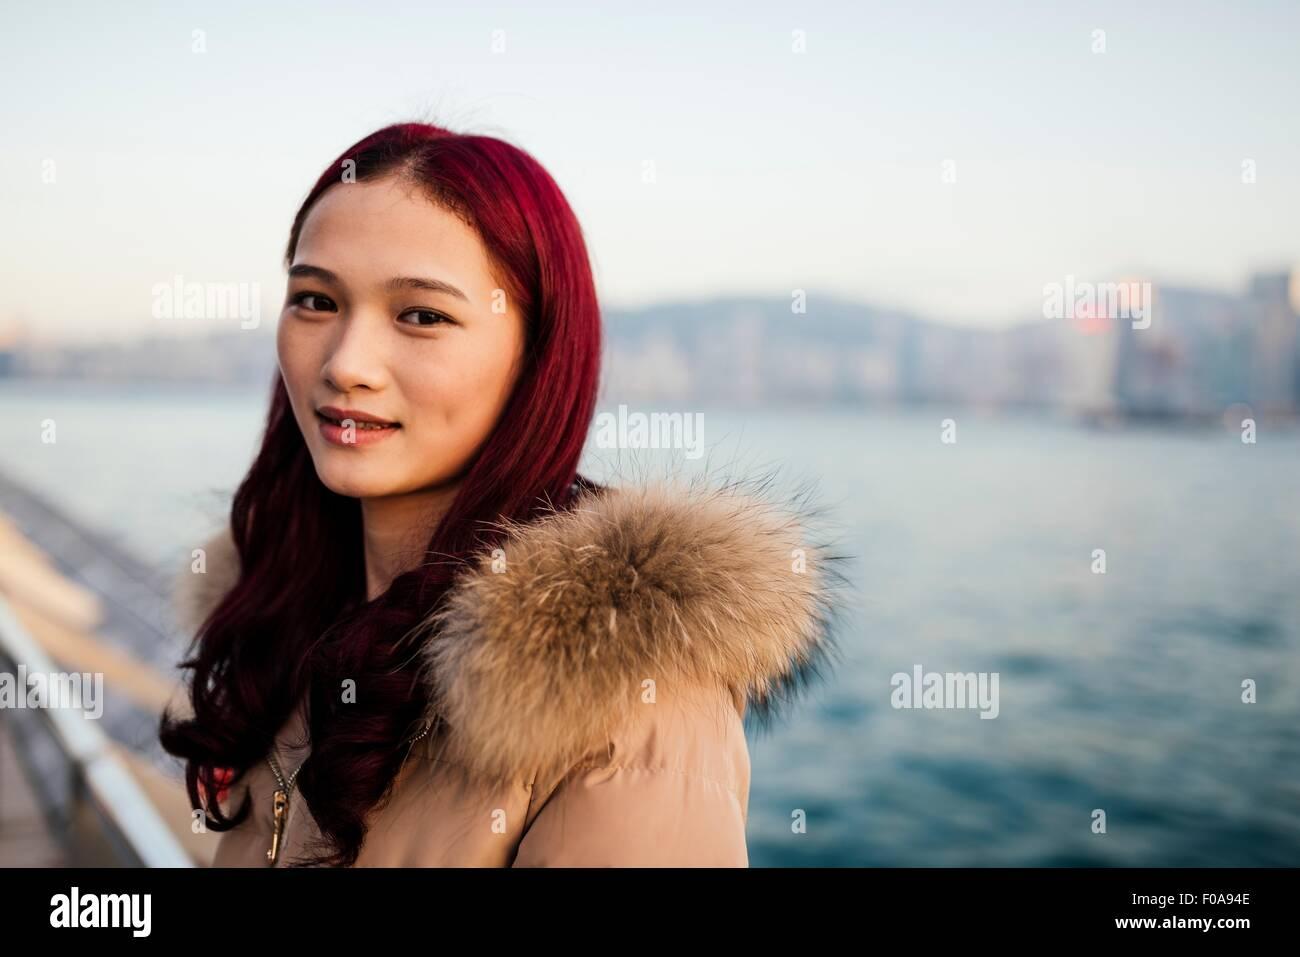 Retrato de mujer joven llevaba chaqueta con revestimiento de pieles teñidas de rojo pelo delante del agua Imagen De Stock